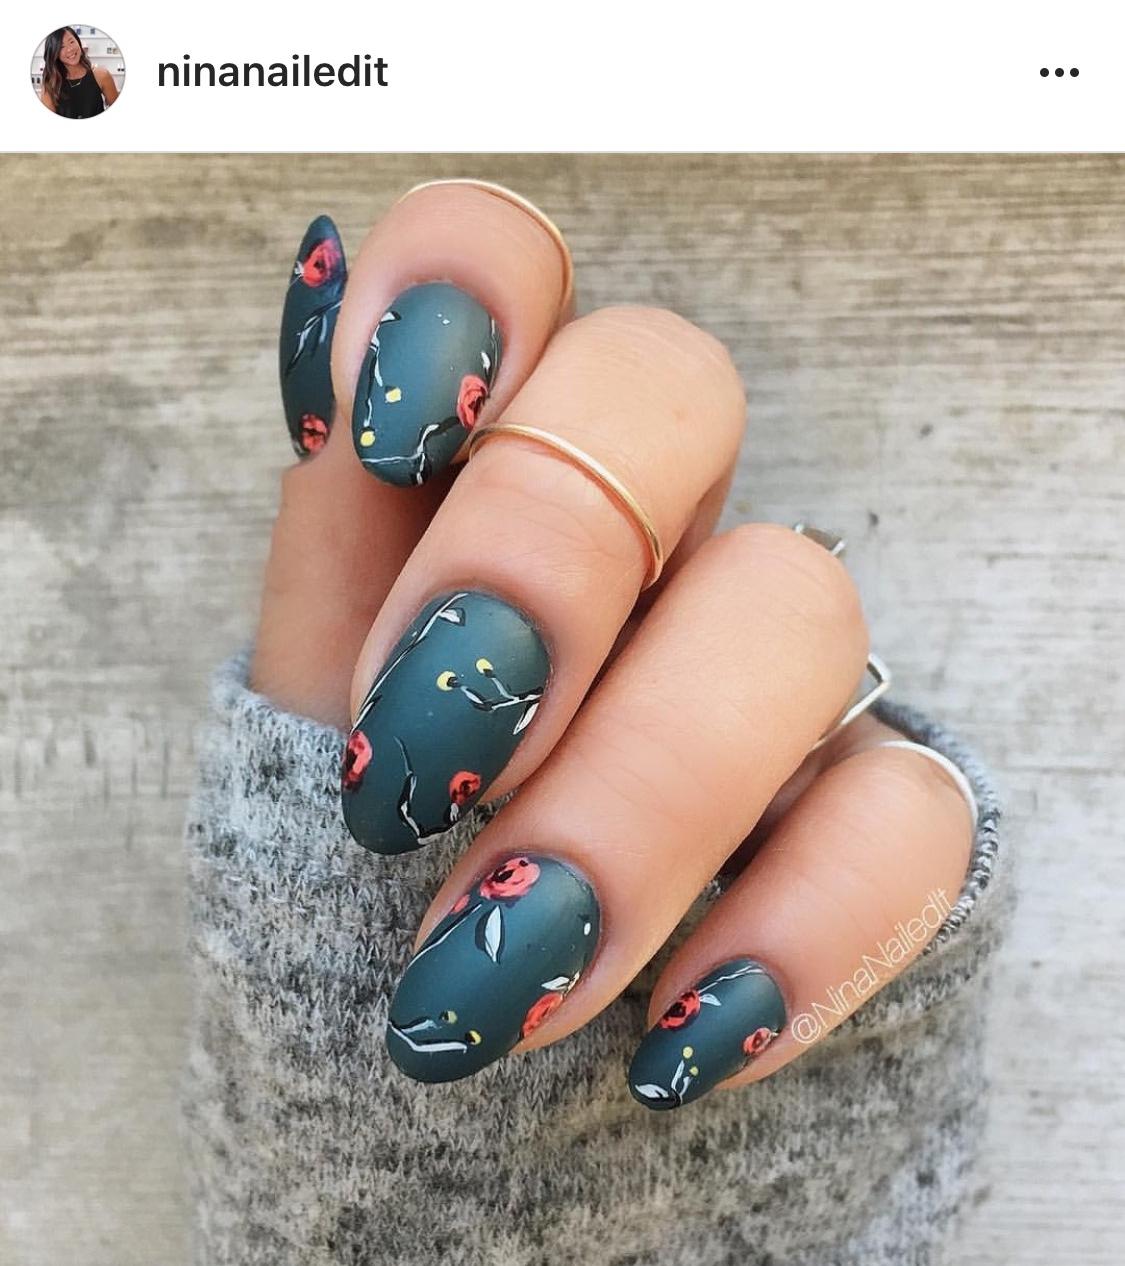 Gucci nail art